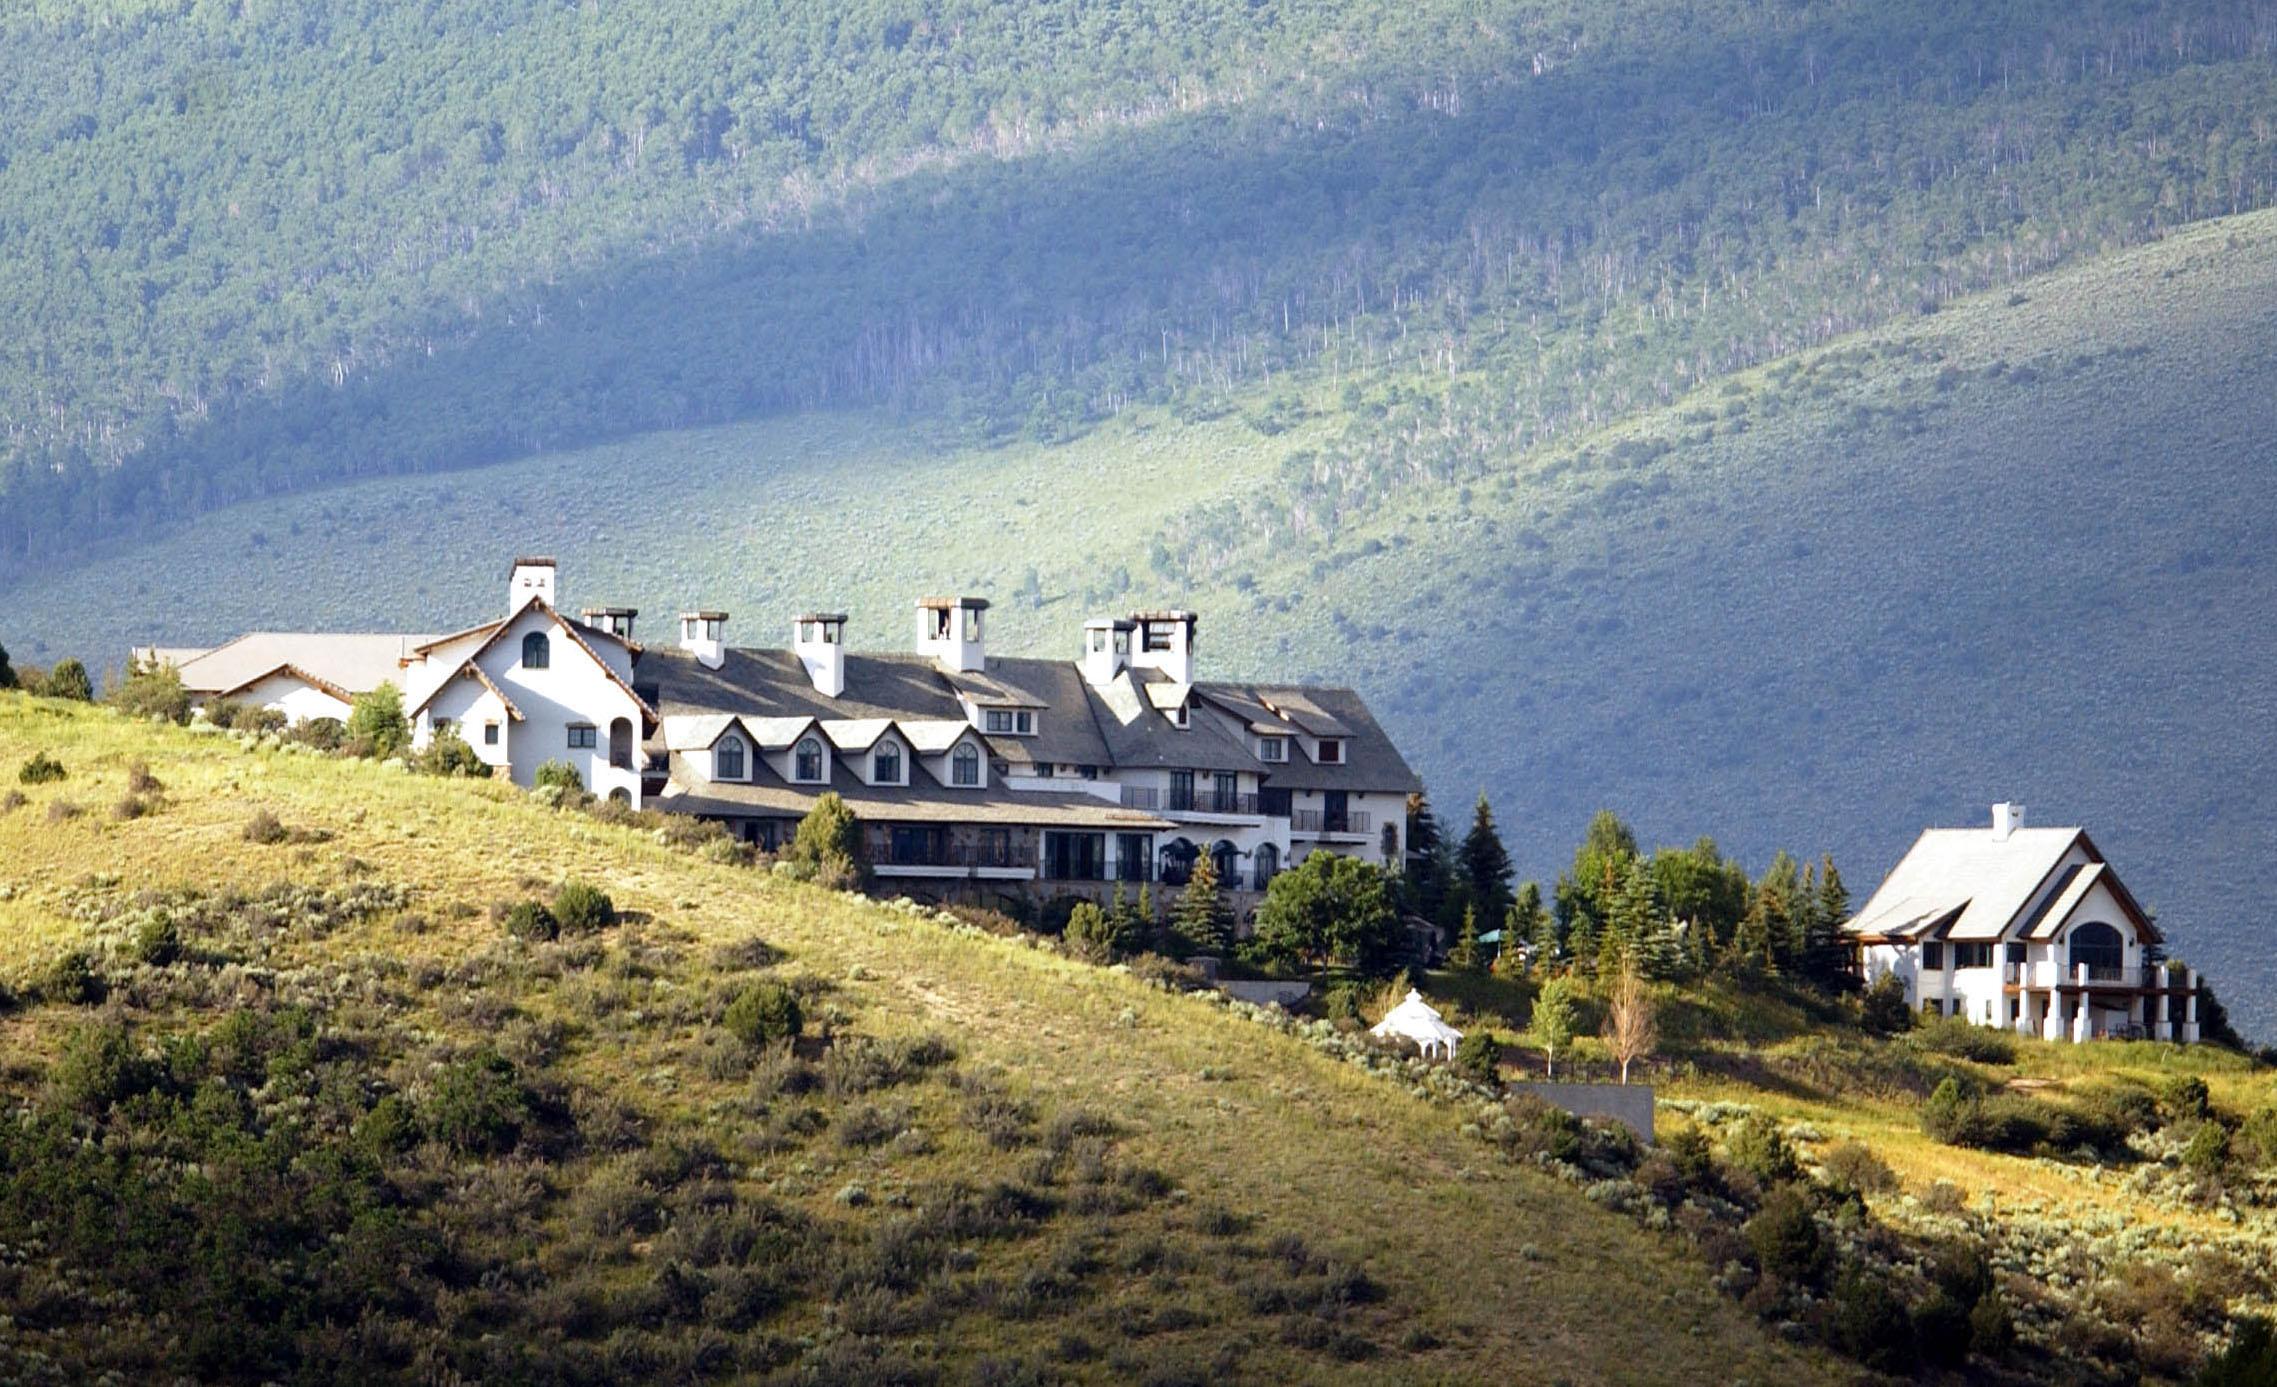 Lodge at Cordillera resort